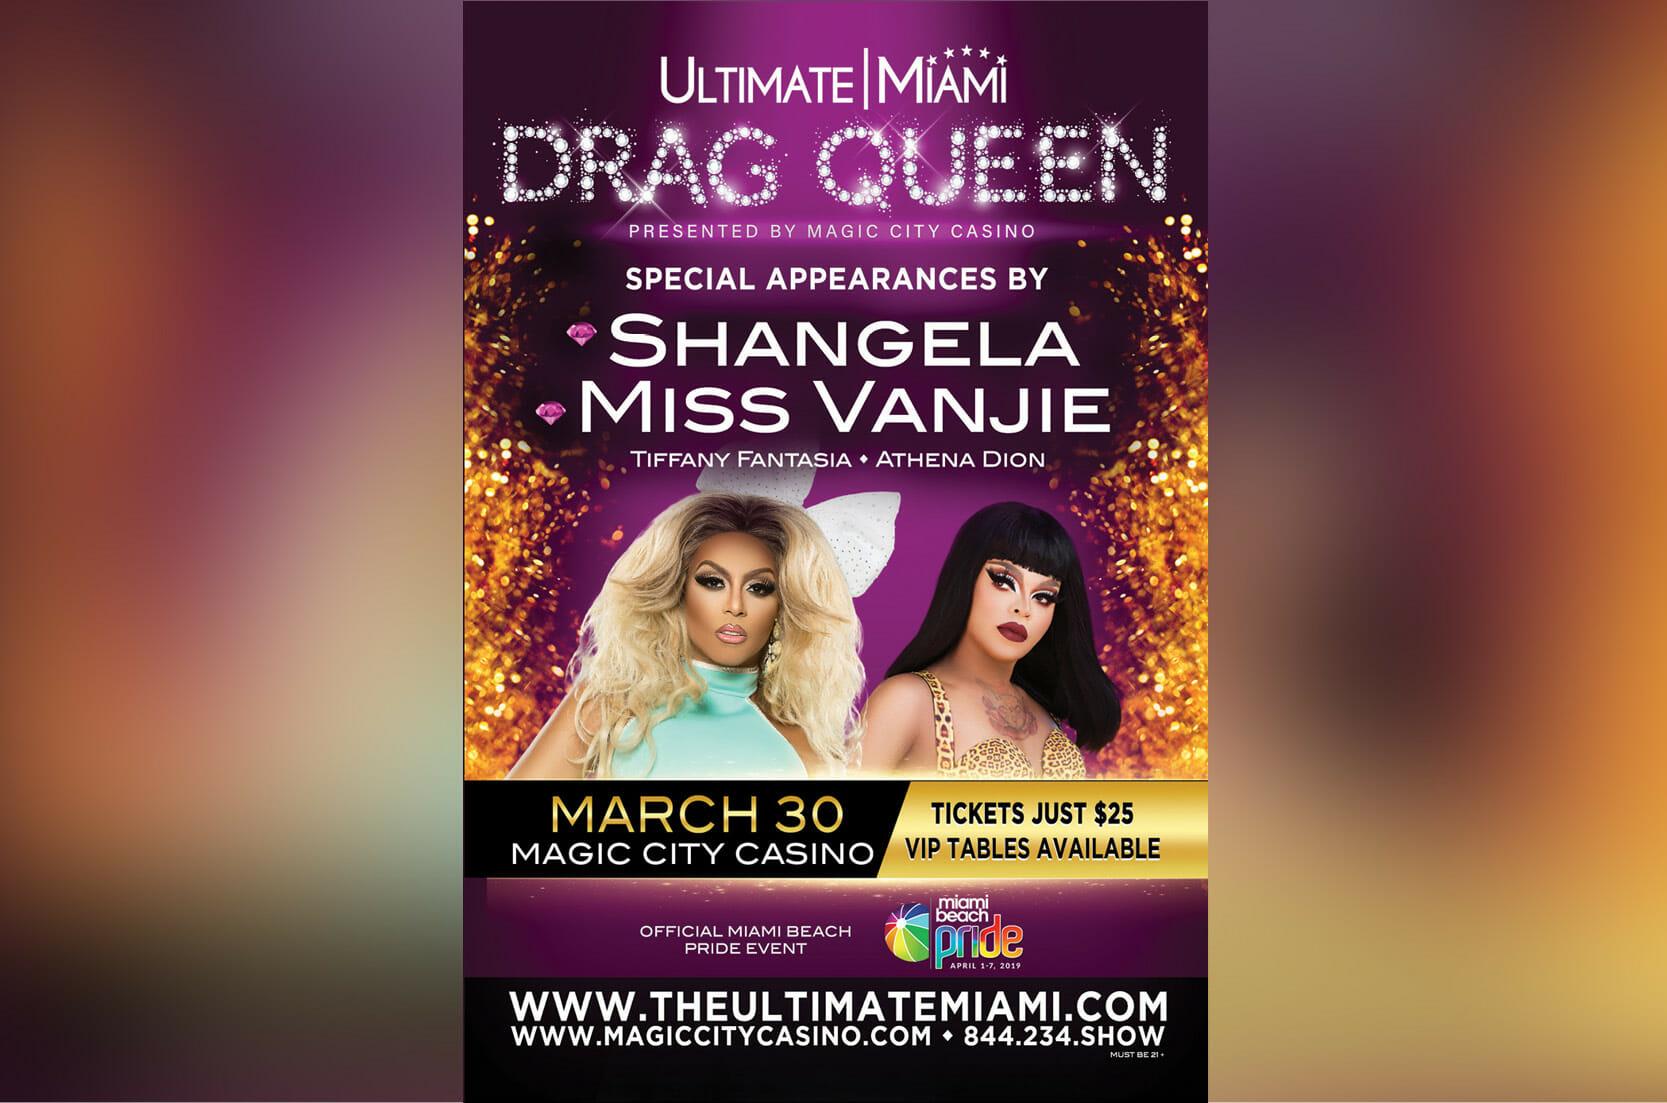 Ultimate Miami Drag Queen Headliner